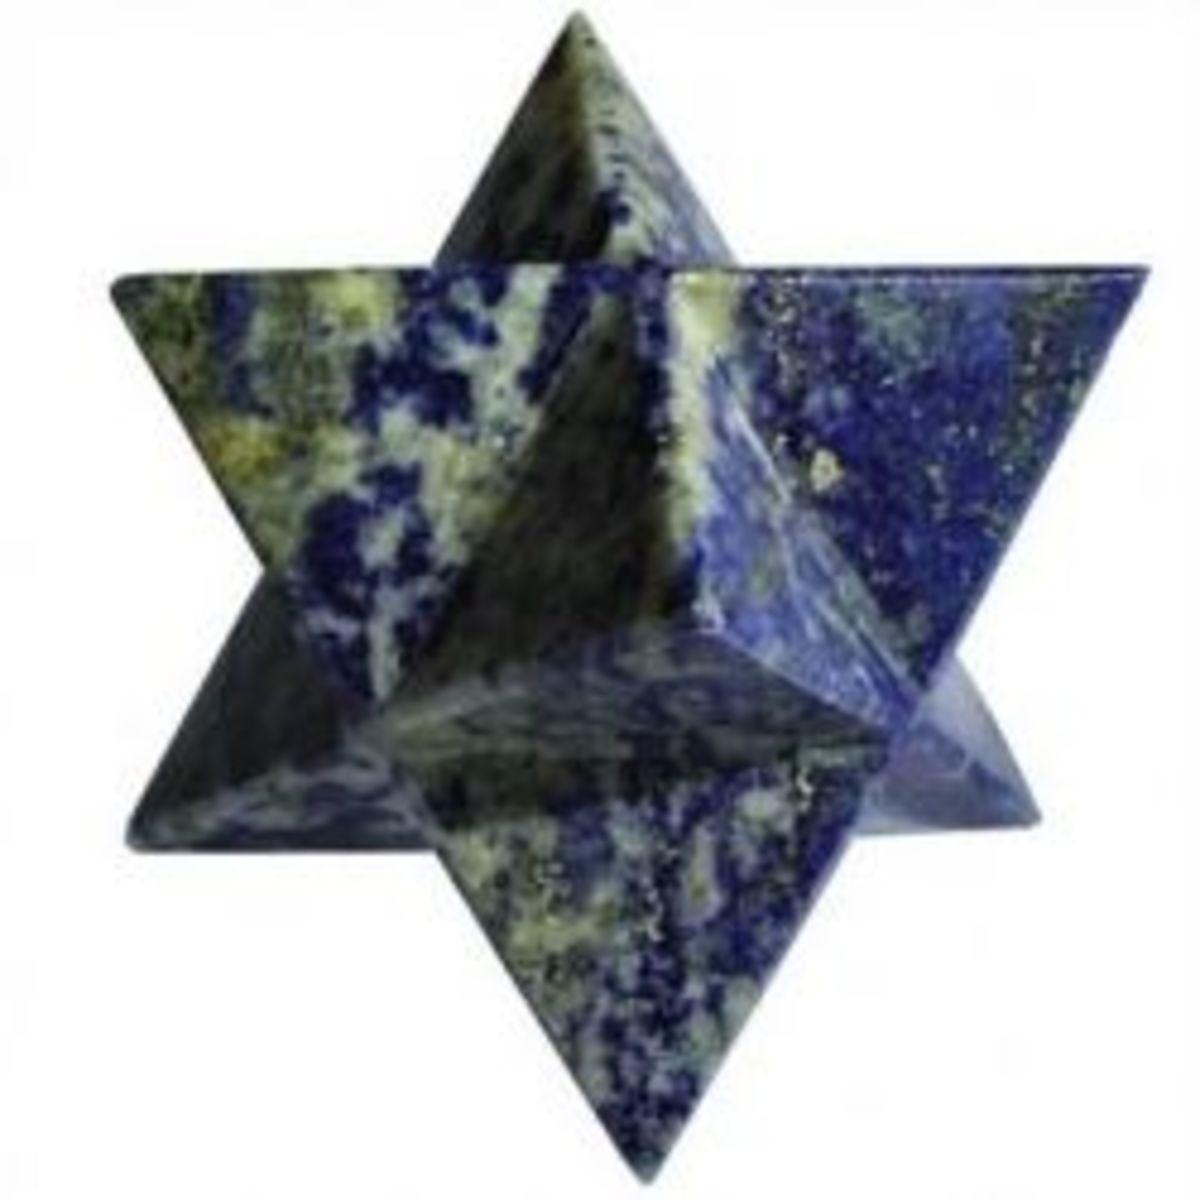 Buy Lapis Lazuli Merkaba on Amazon